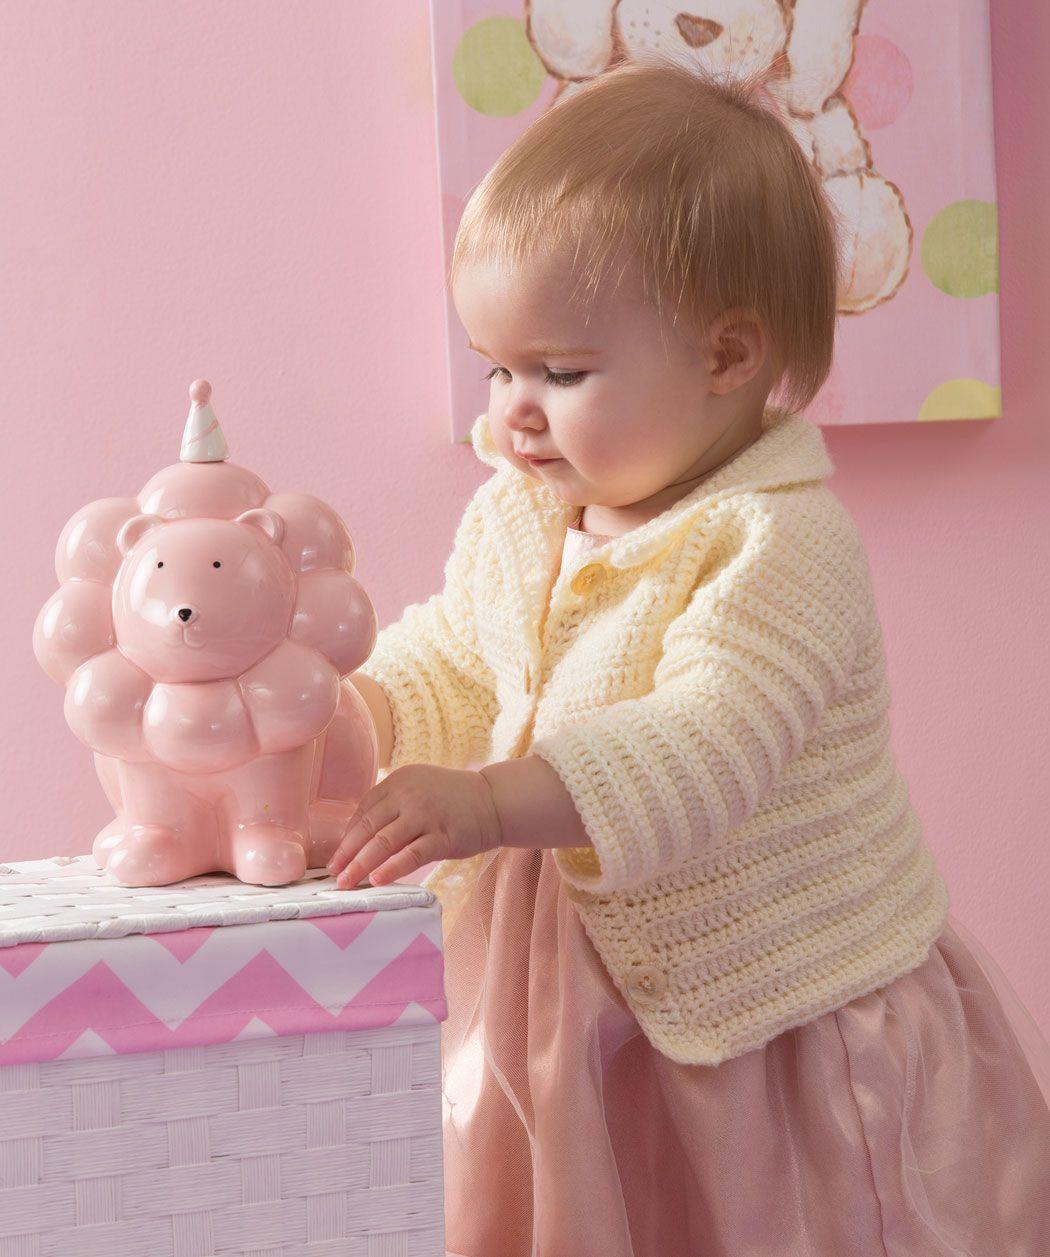 Häkle eine einfache Jacke für jeden Tag für dein Baby. Das Unisex-Design ist perfekt für Mädchen und Jungs.